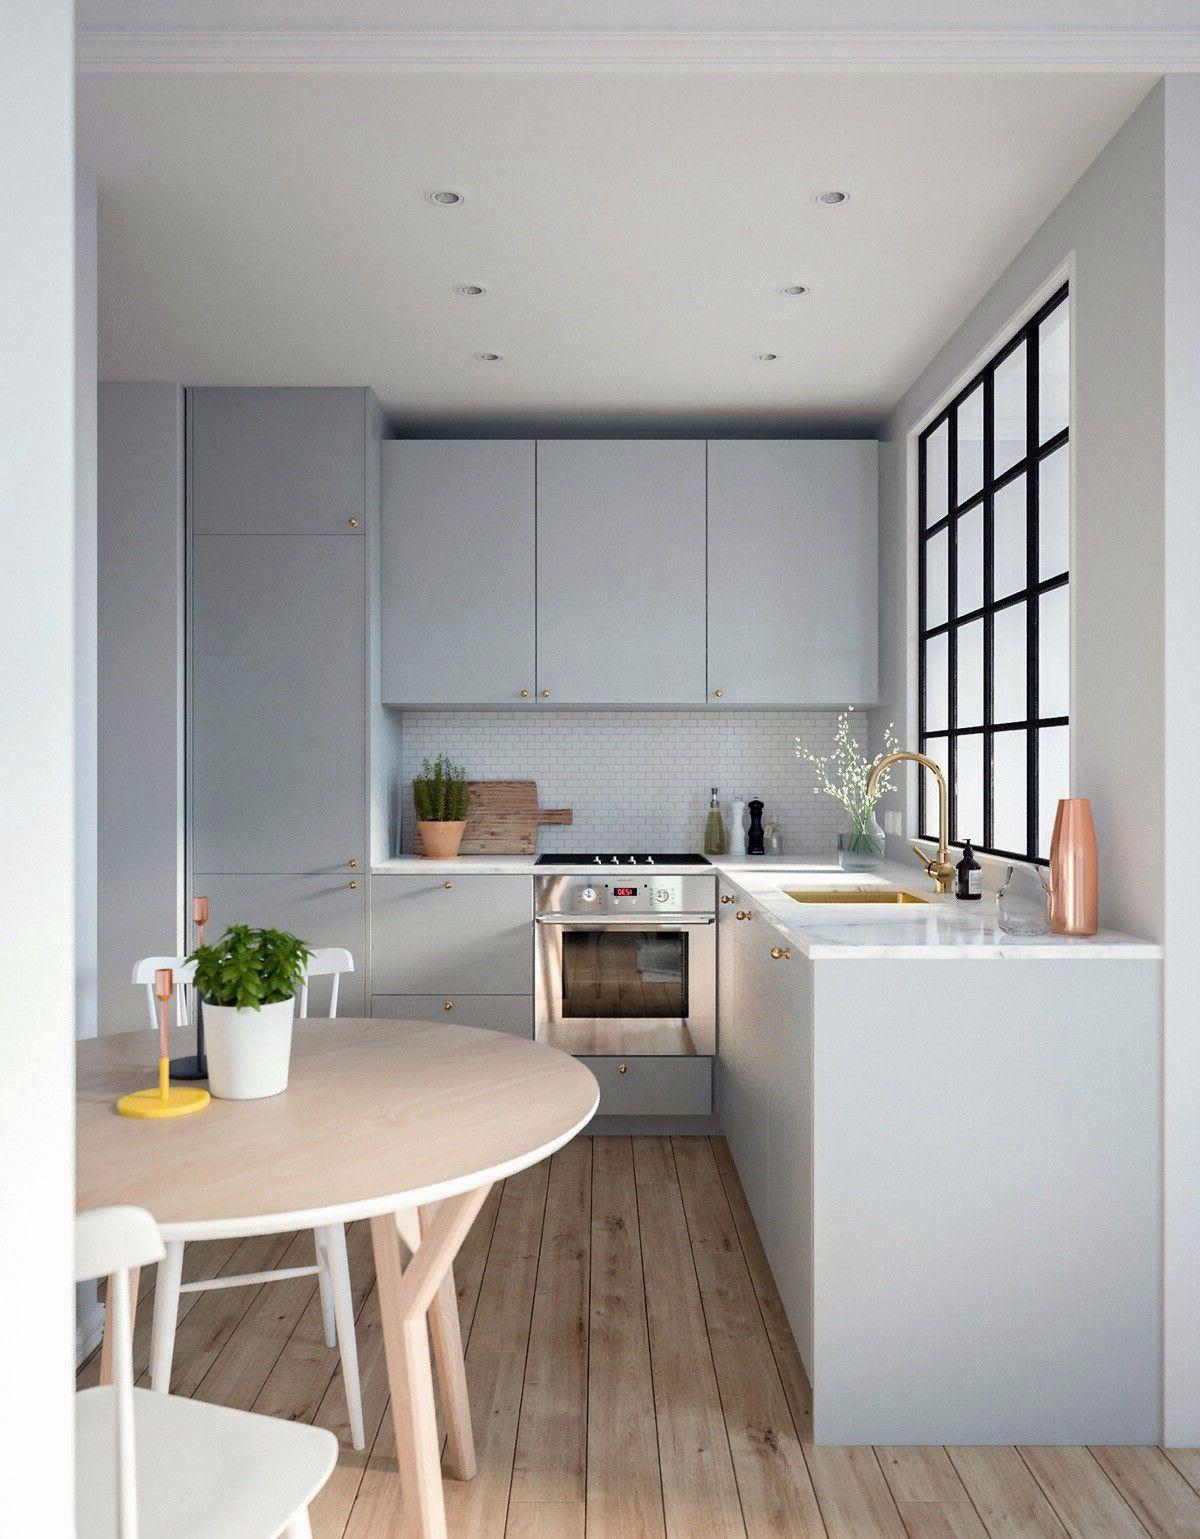 65 Unique Scandinavian Kitchen Window Design Ideas In 2020 Kitchen Remodel Small Kitchen Layout Kitchen Design